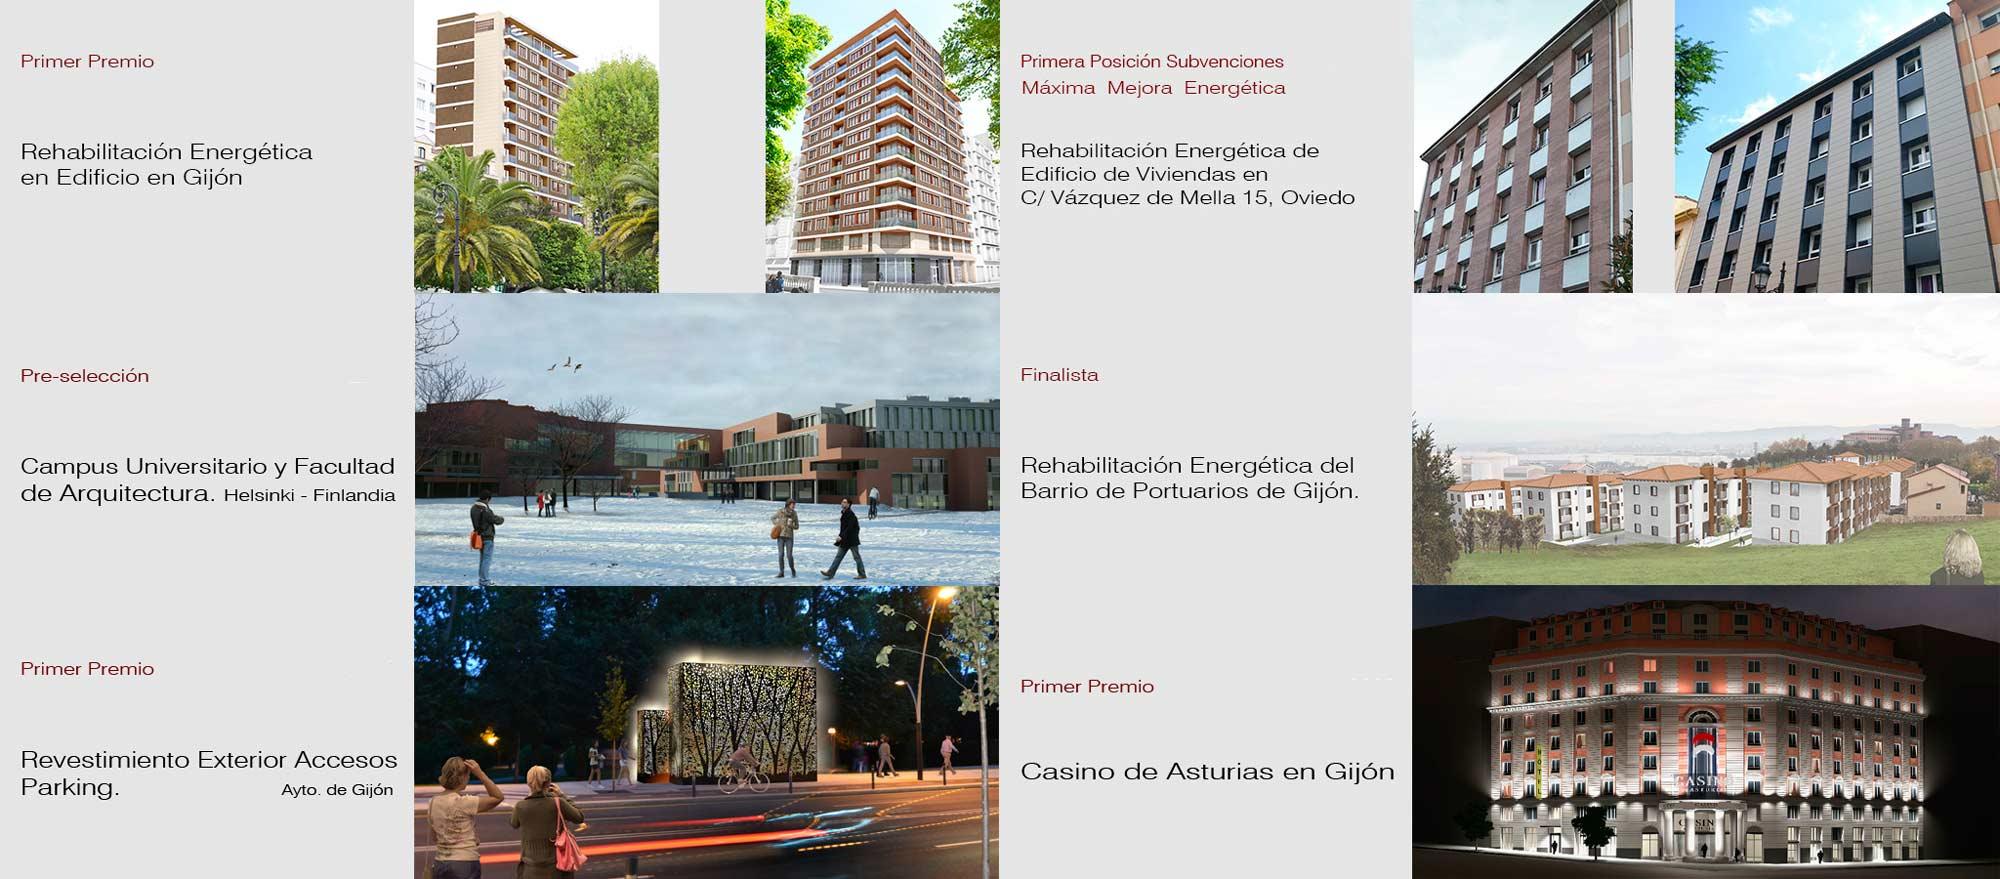 ARQUITECTOS-GIJON-Lastra-Arquitectos-Gijon-Asturias